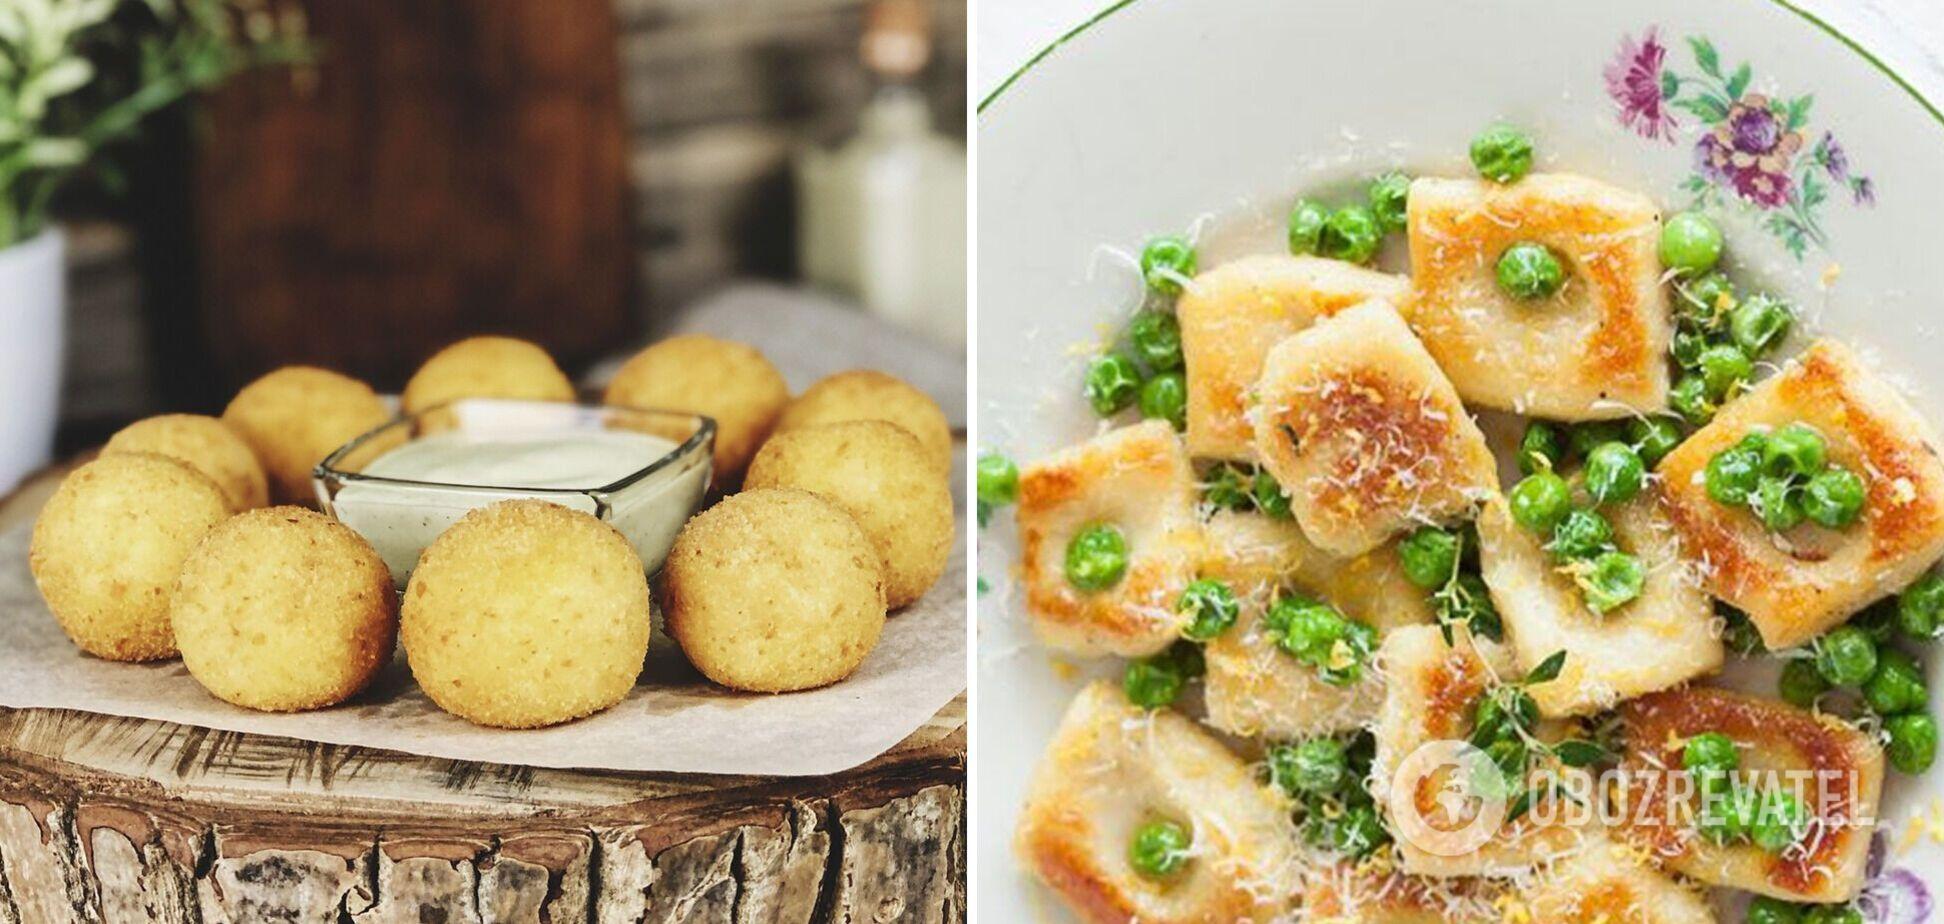 Что приготовить из картофельного пюре: вкусные и быстрые закуски